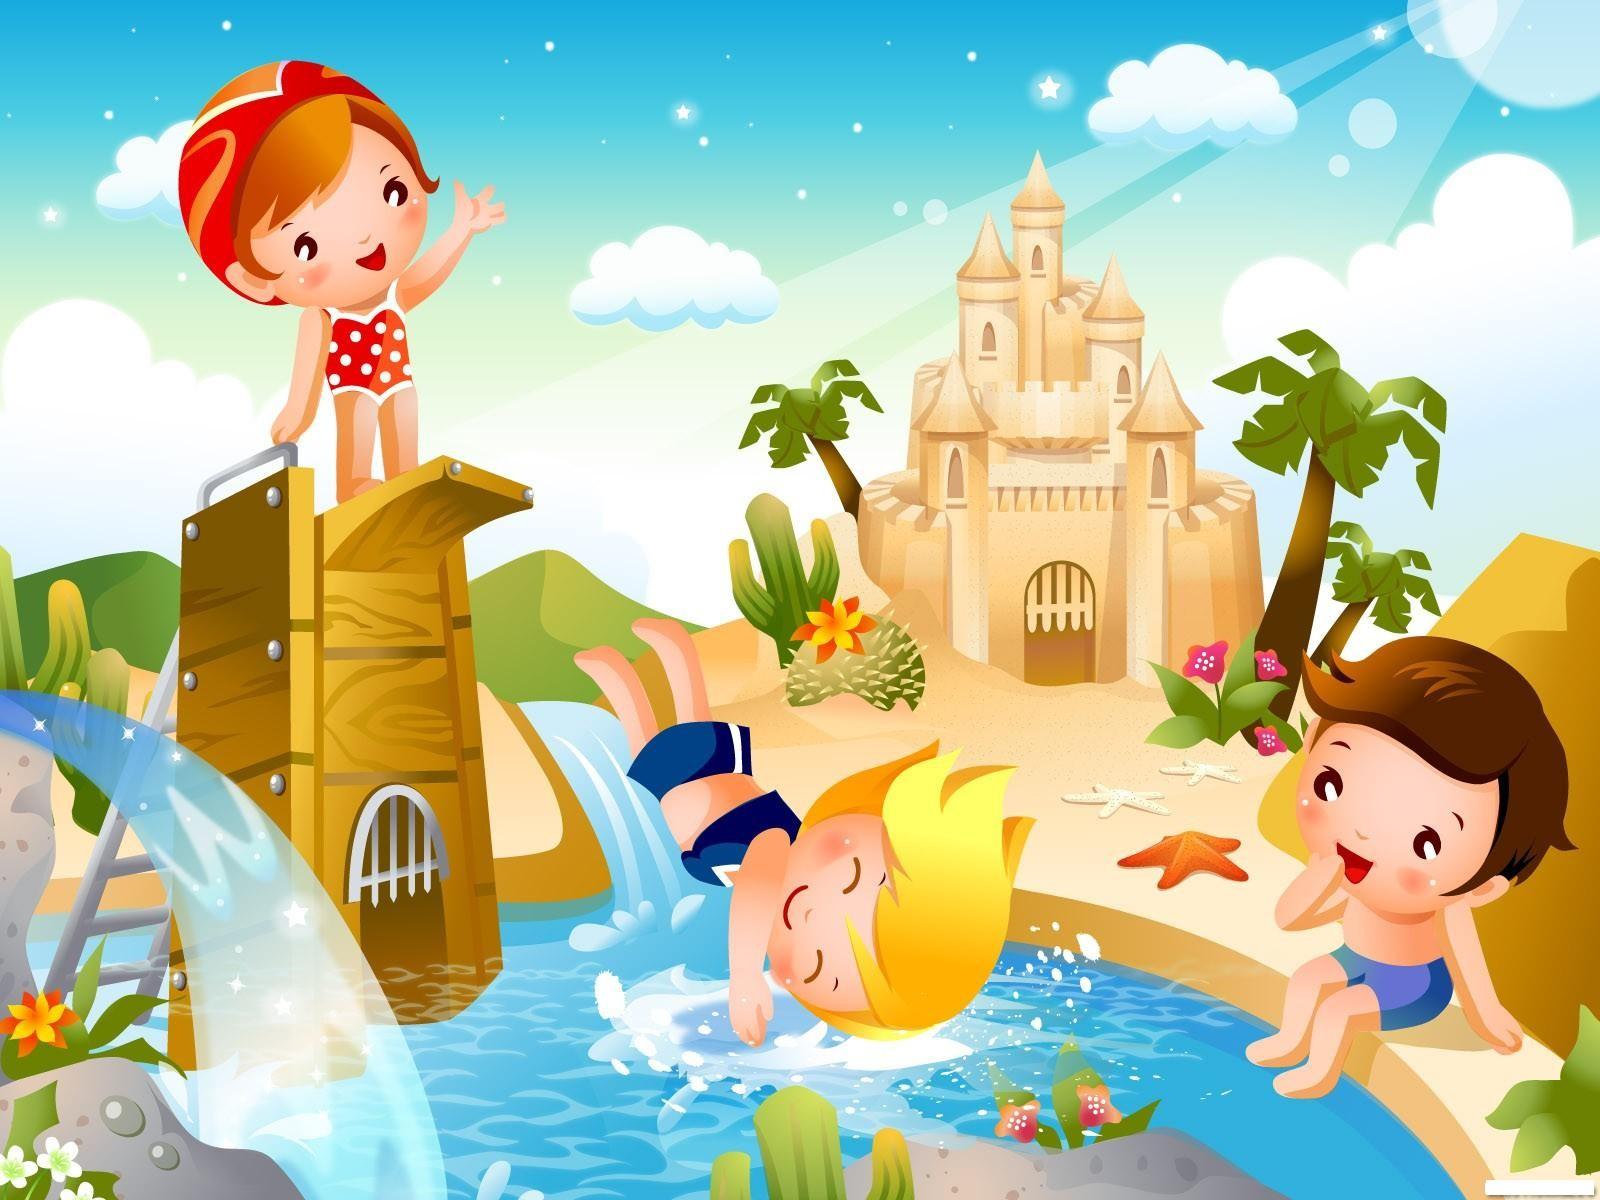 Хорошие новогодние, картинки для детей отдыхать